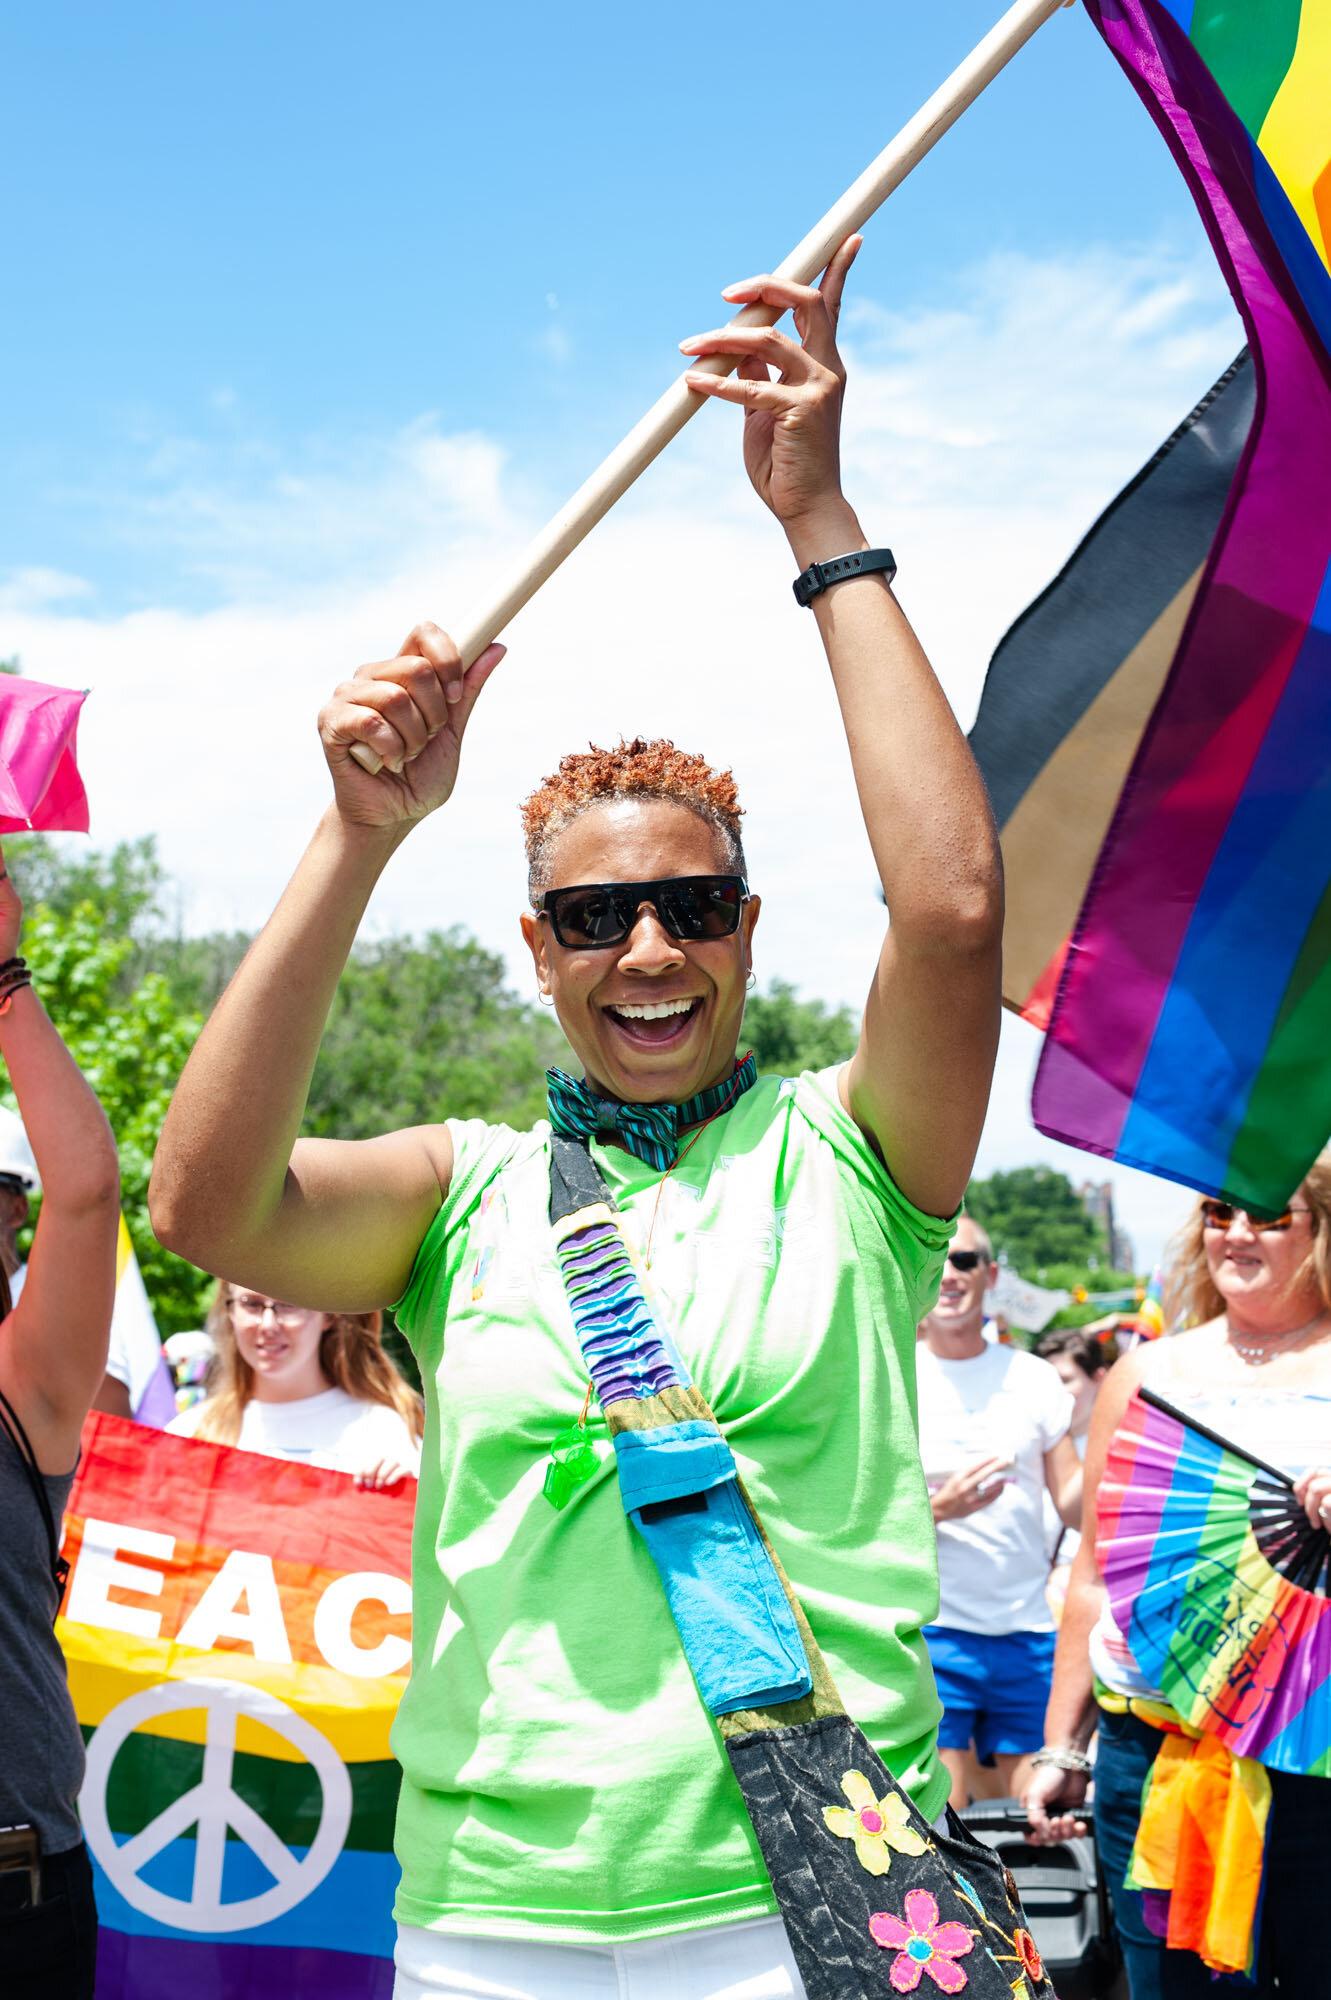 Emily Lewis Creative_Baltimore Pride Parade_2019-06-15-69.jpg